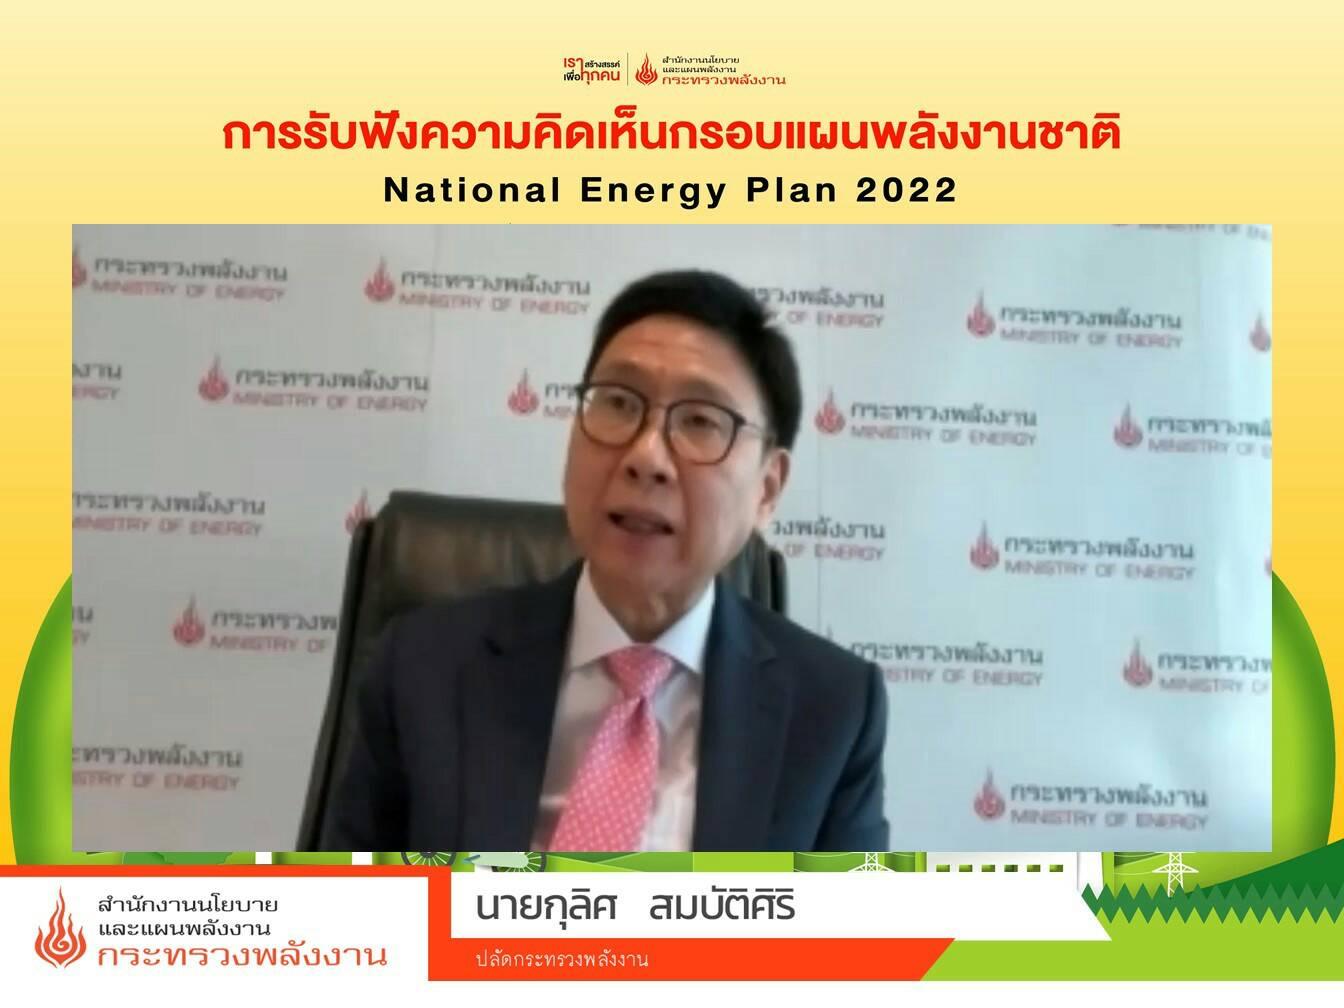 """สนพ. เปิดรับฟังความคิดเห็นกรอบ """"แผนพลังงานชาติ"""" คาดเริ่มใช้จริงปี 2566"""